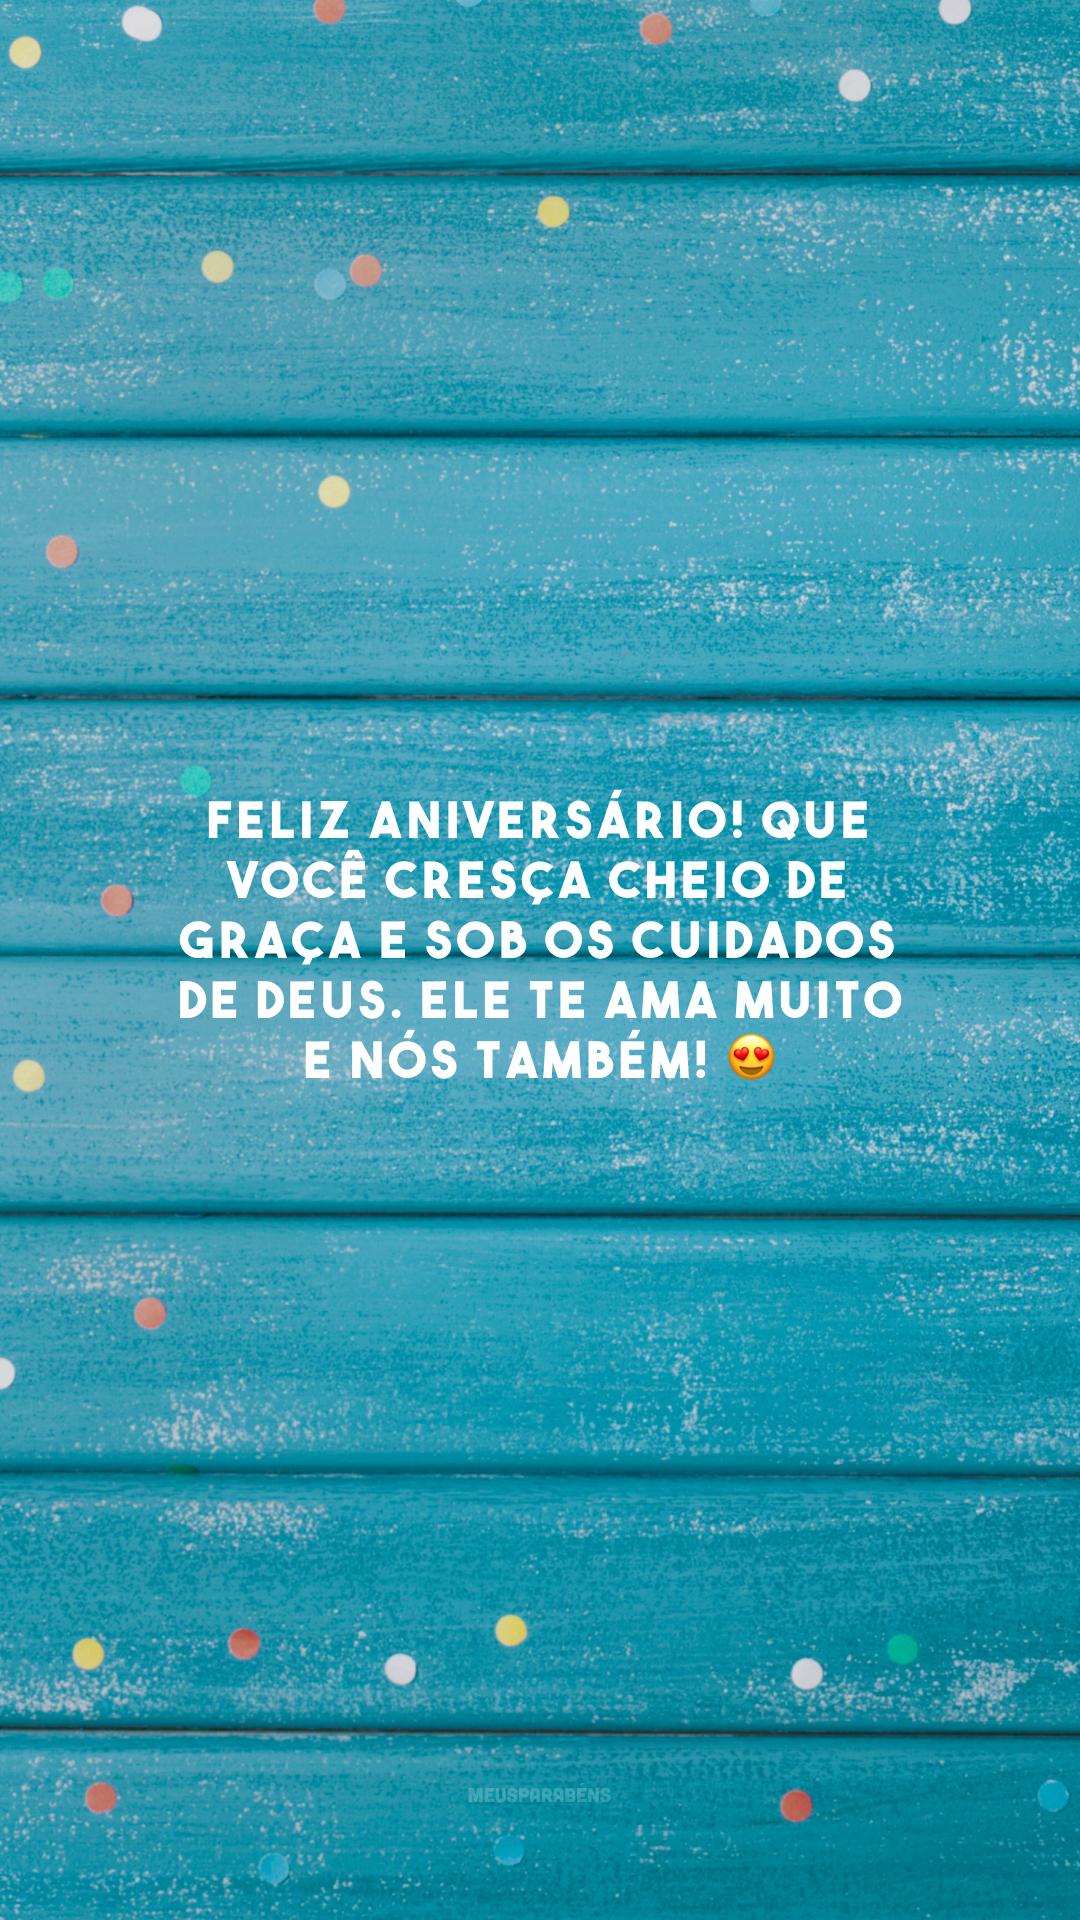 Feliz aniversário! Que você cresça cheio de graça e sob os cuidados de Deus. Ele te ama muito e nós também! 😍